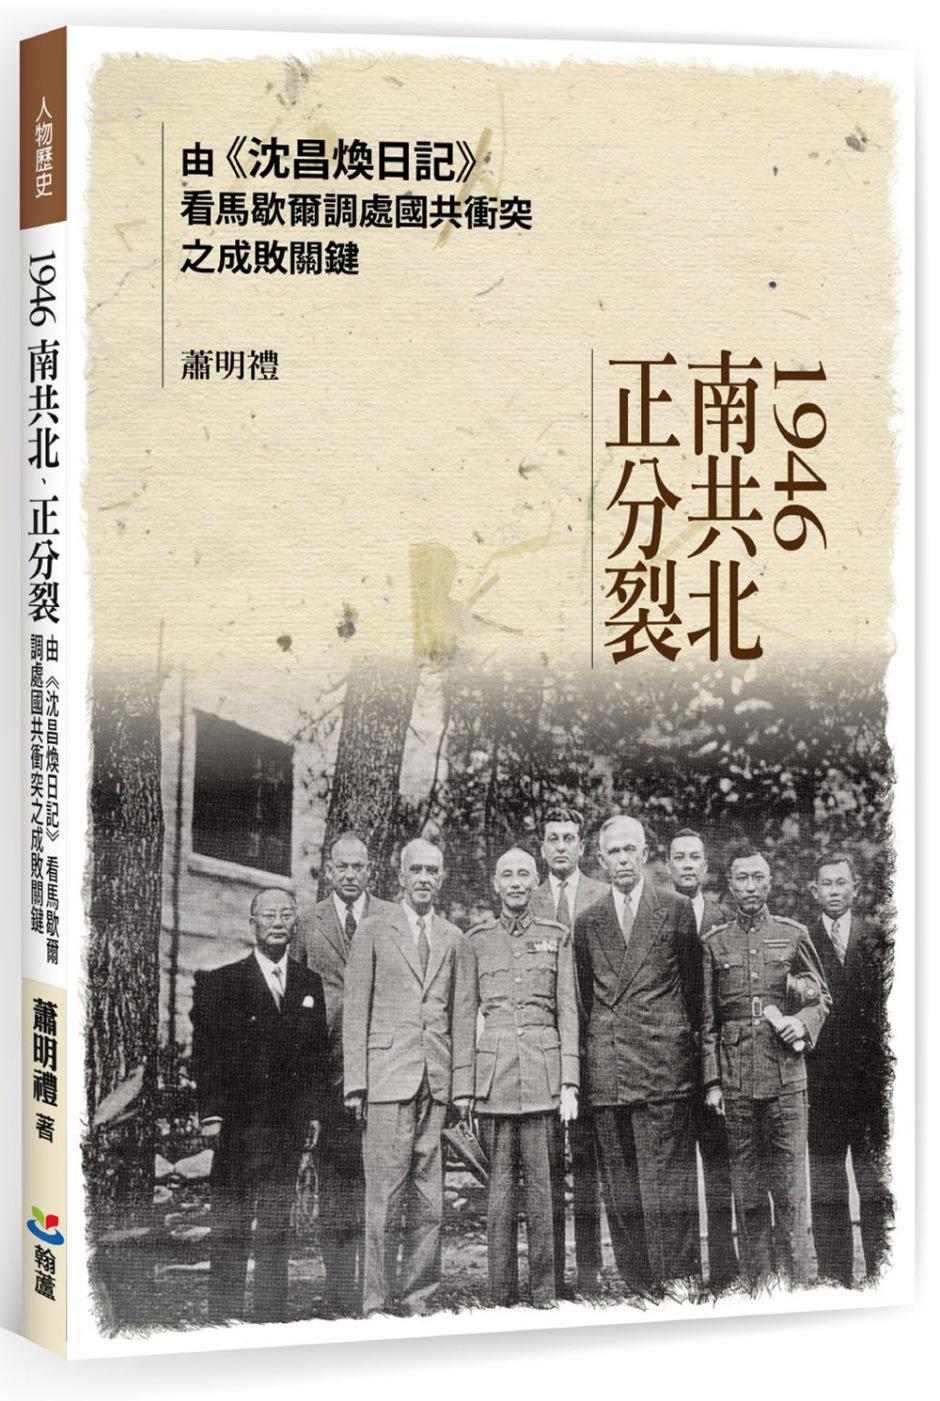 1946南共北、正分裂:由《沈昌煥日記》看馬歇爾調處國共衝突之成敗關鍵